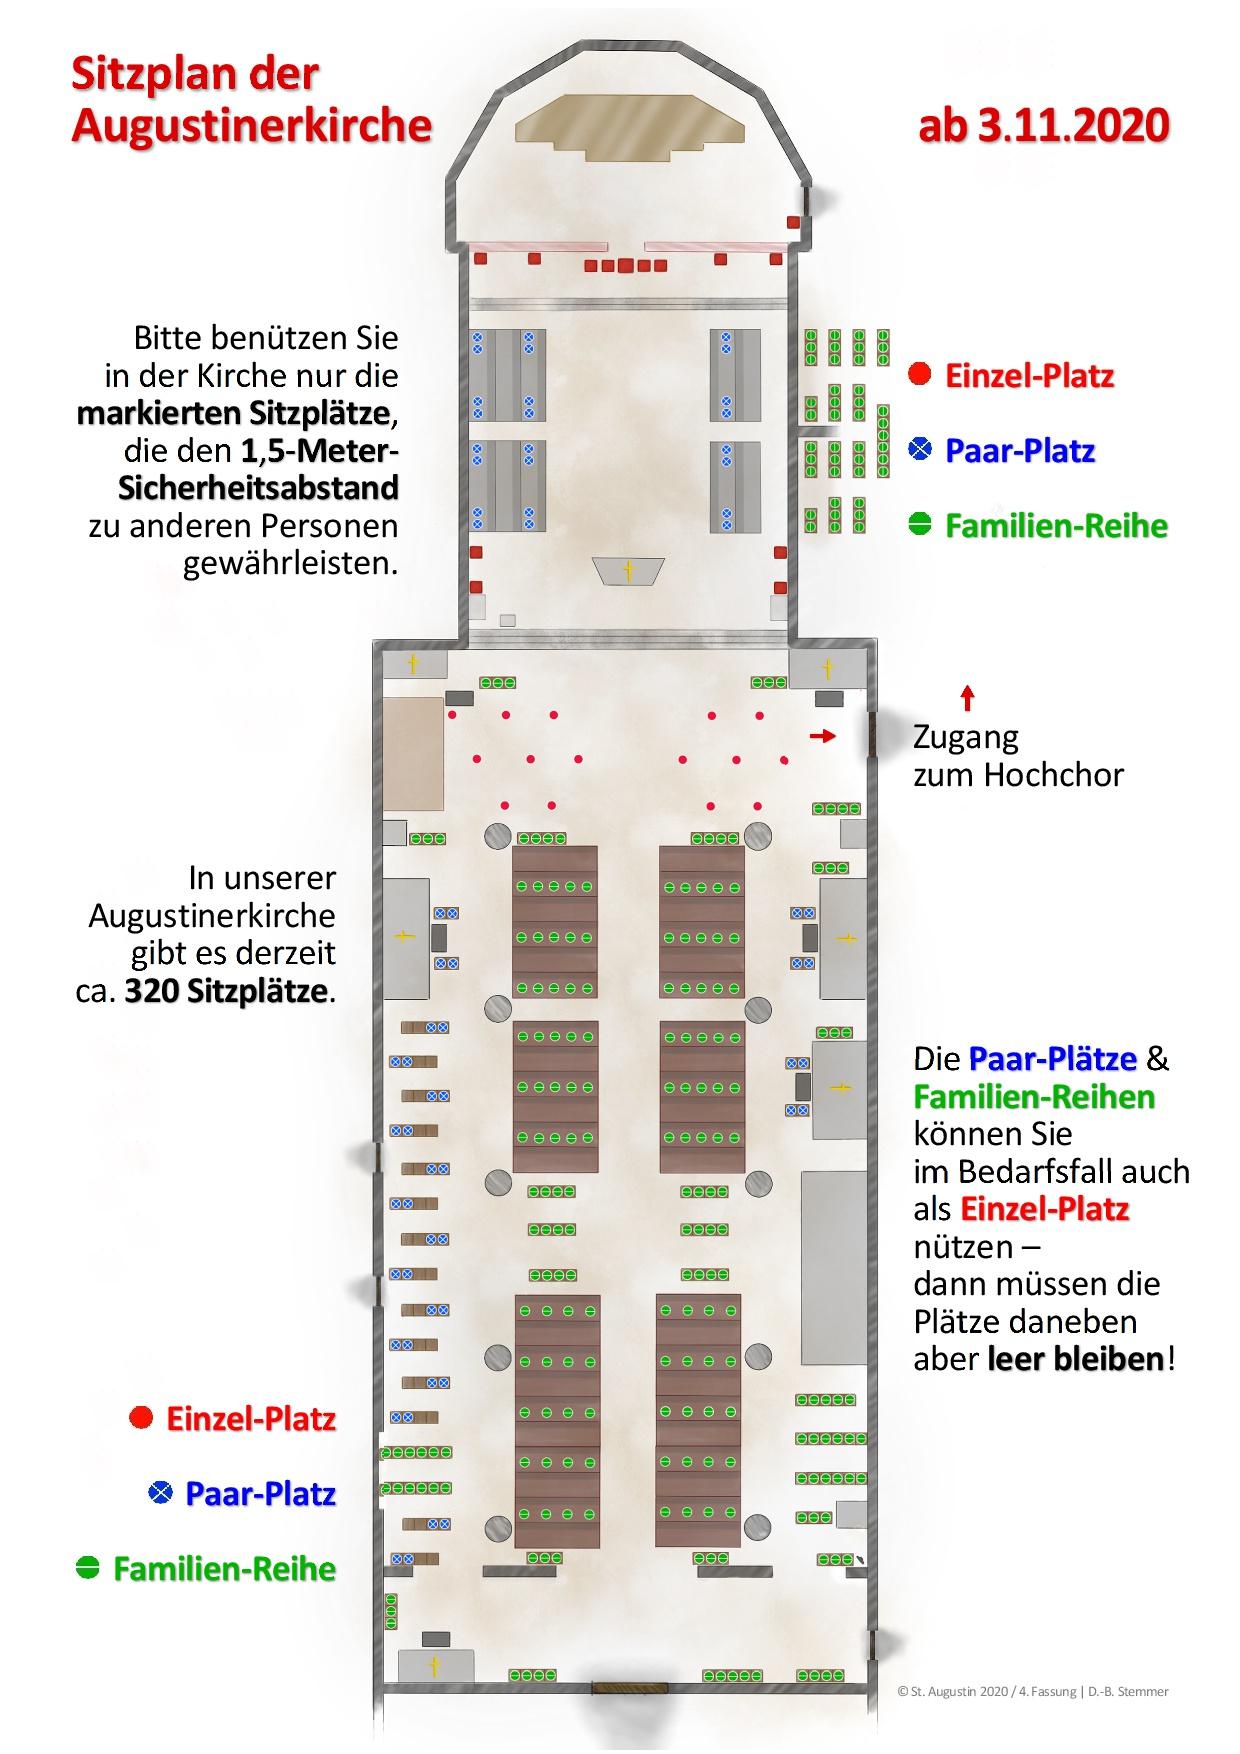 Corona-Sitzplan_4_1MB